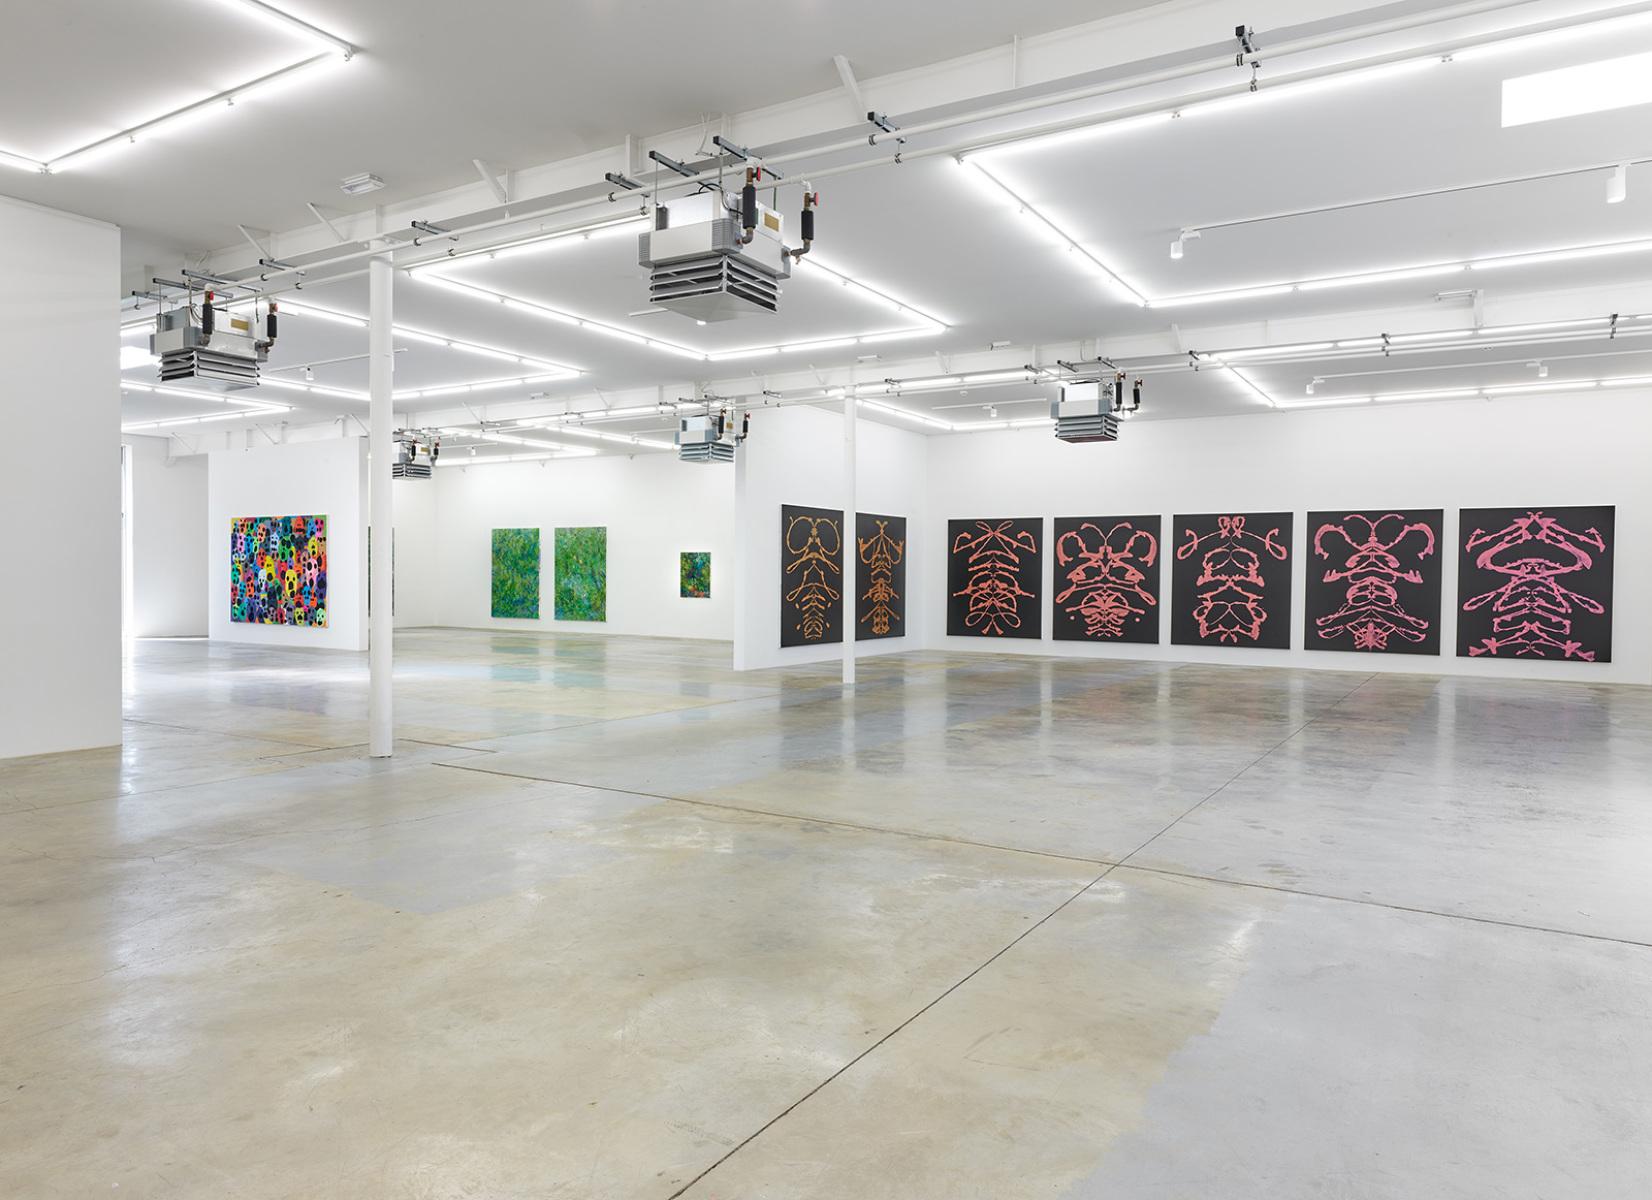 Exhibition view, Mitja Tušek, Freitzeit ist Arbeit, Wandhaff, juin 2021 #16